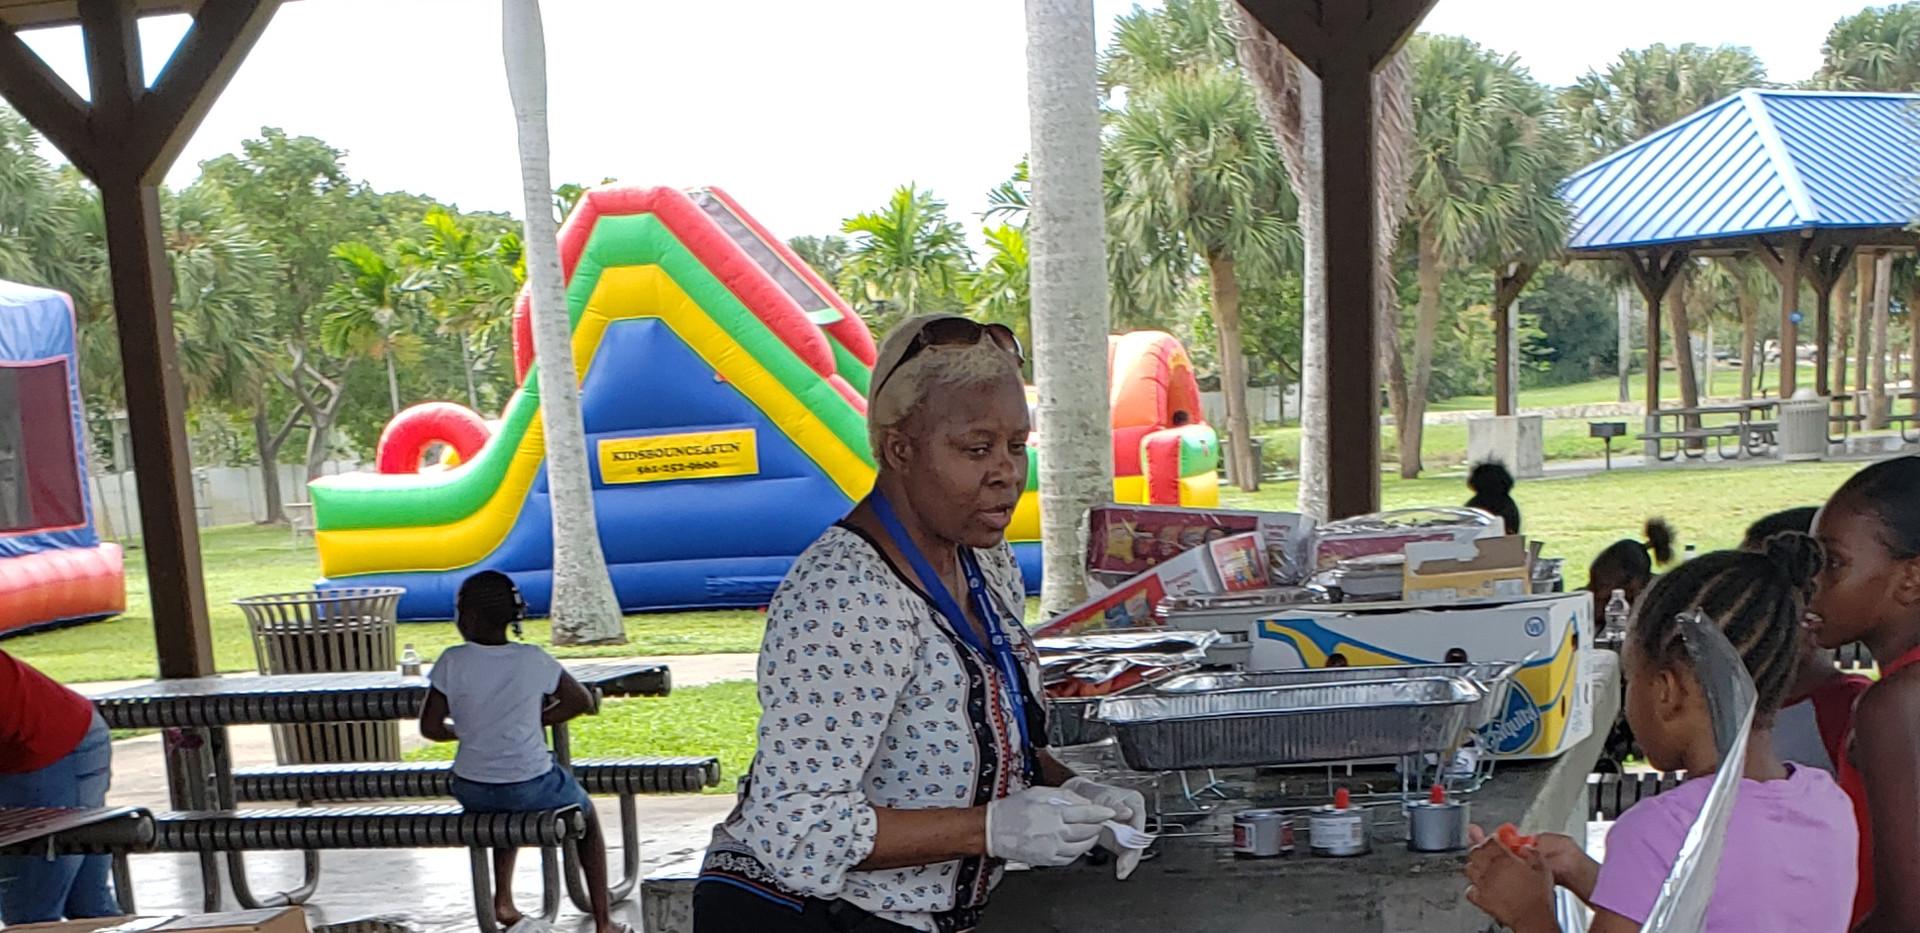 J4C Youth Fun Day